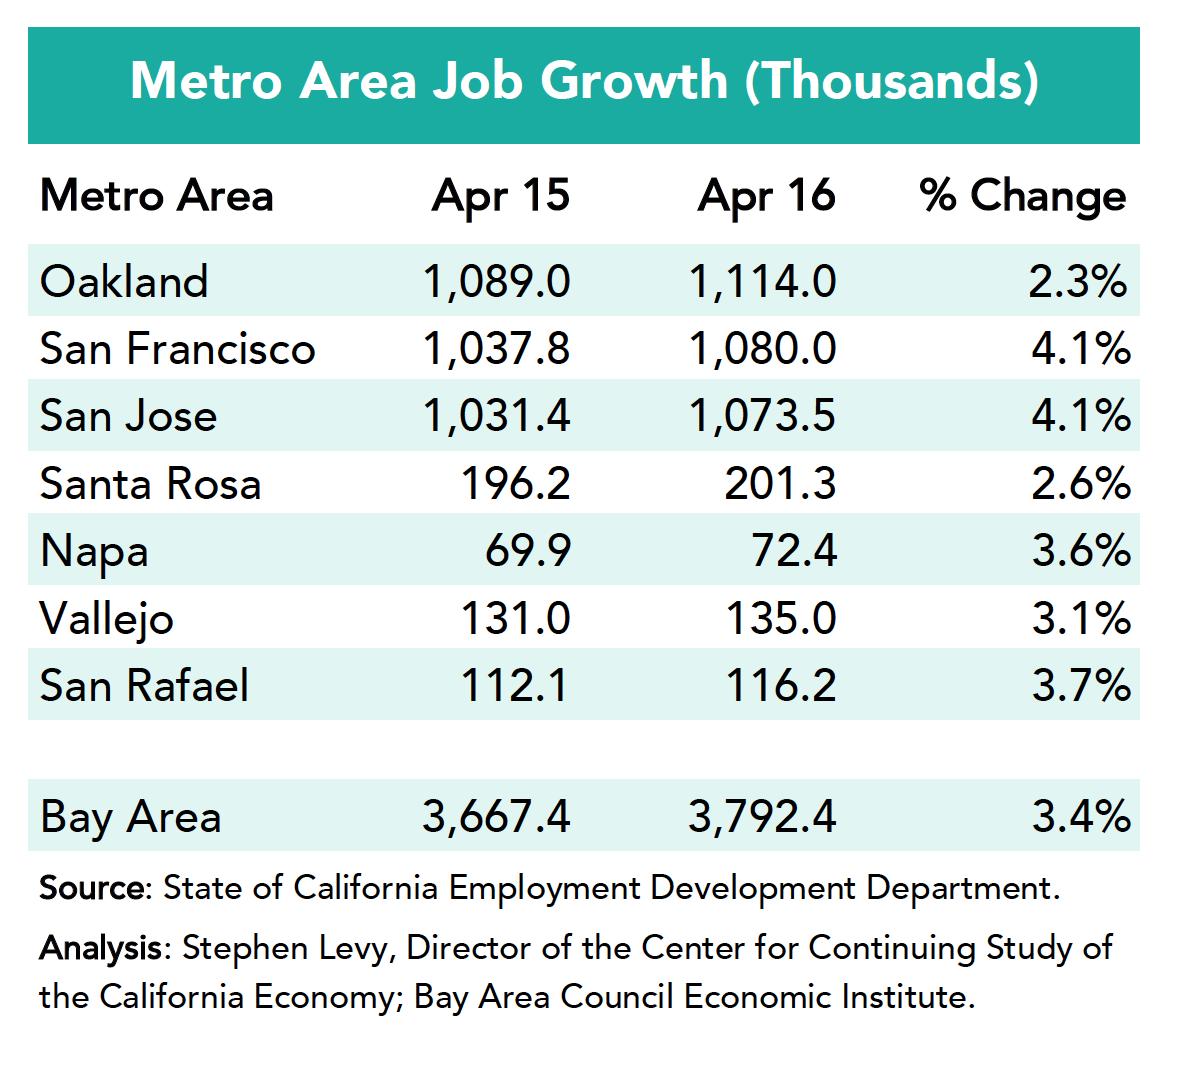 Metro Area Job Growth April